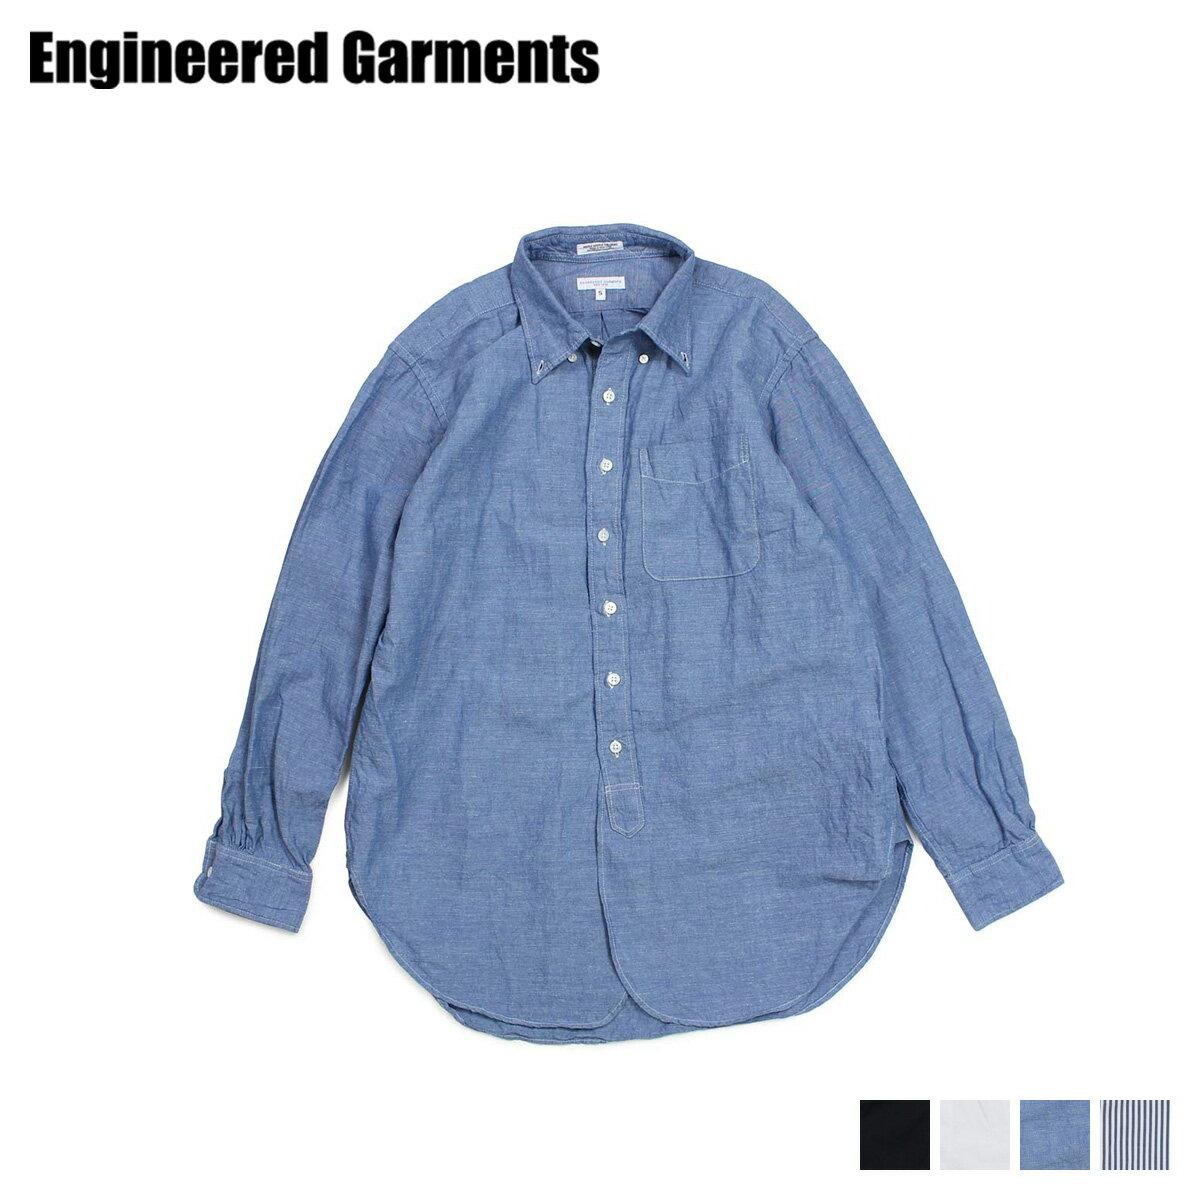 トップス, カジュアルシャツ 600OFF ENGINEERED GARMENTS 19 CENTURY BUTTON DOWN SHIRT 19SA001